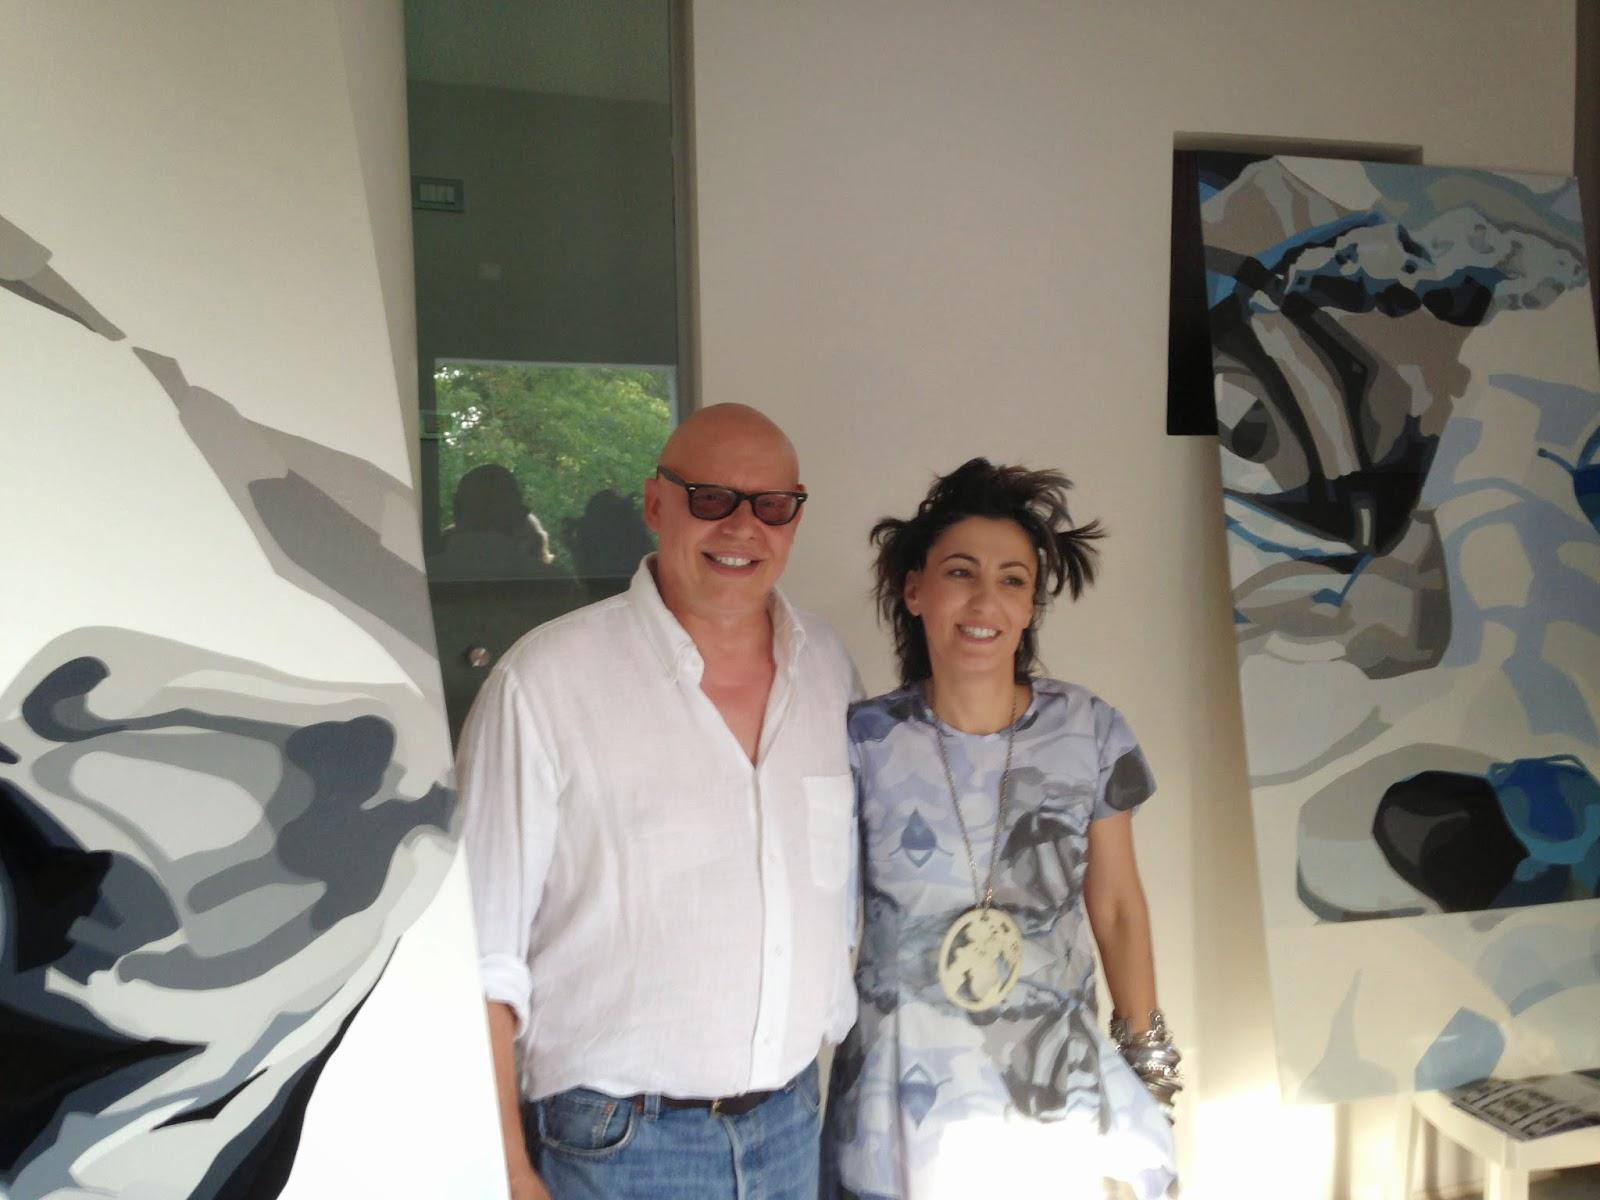 La stanza privata dell 39 arte by roberto milani a proposito for 7047 design hotel